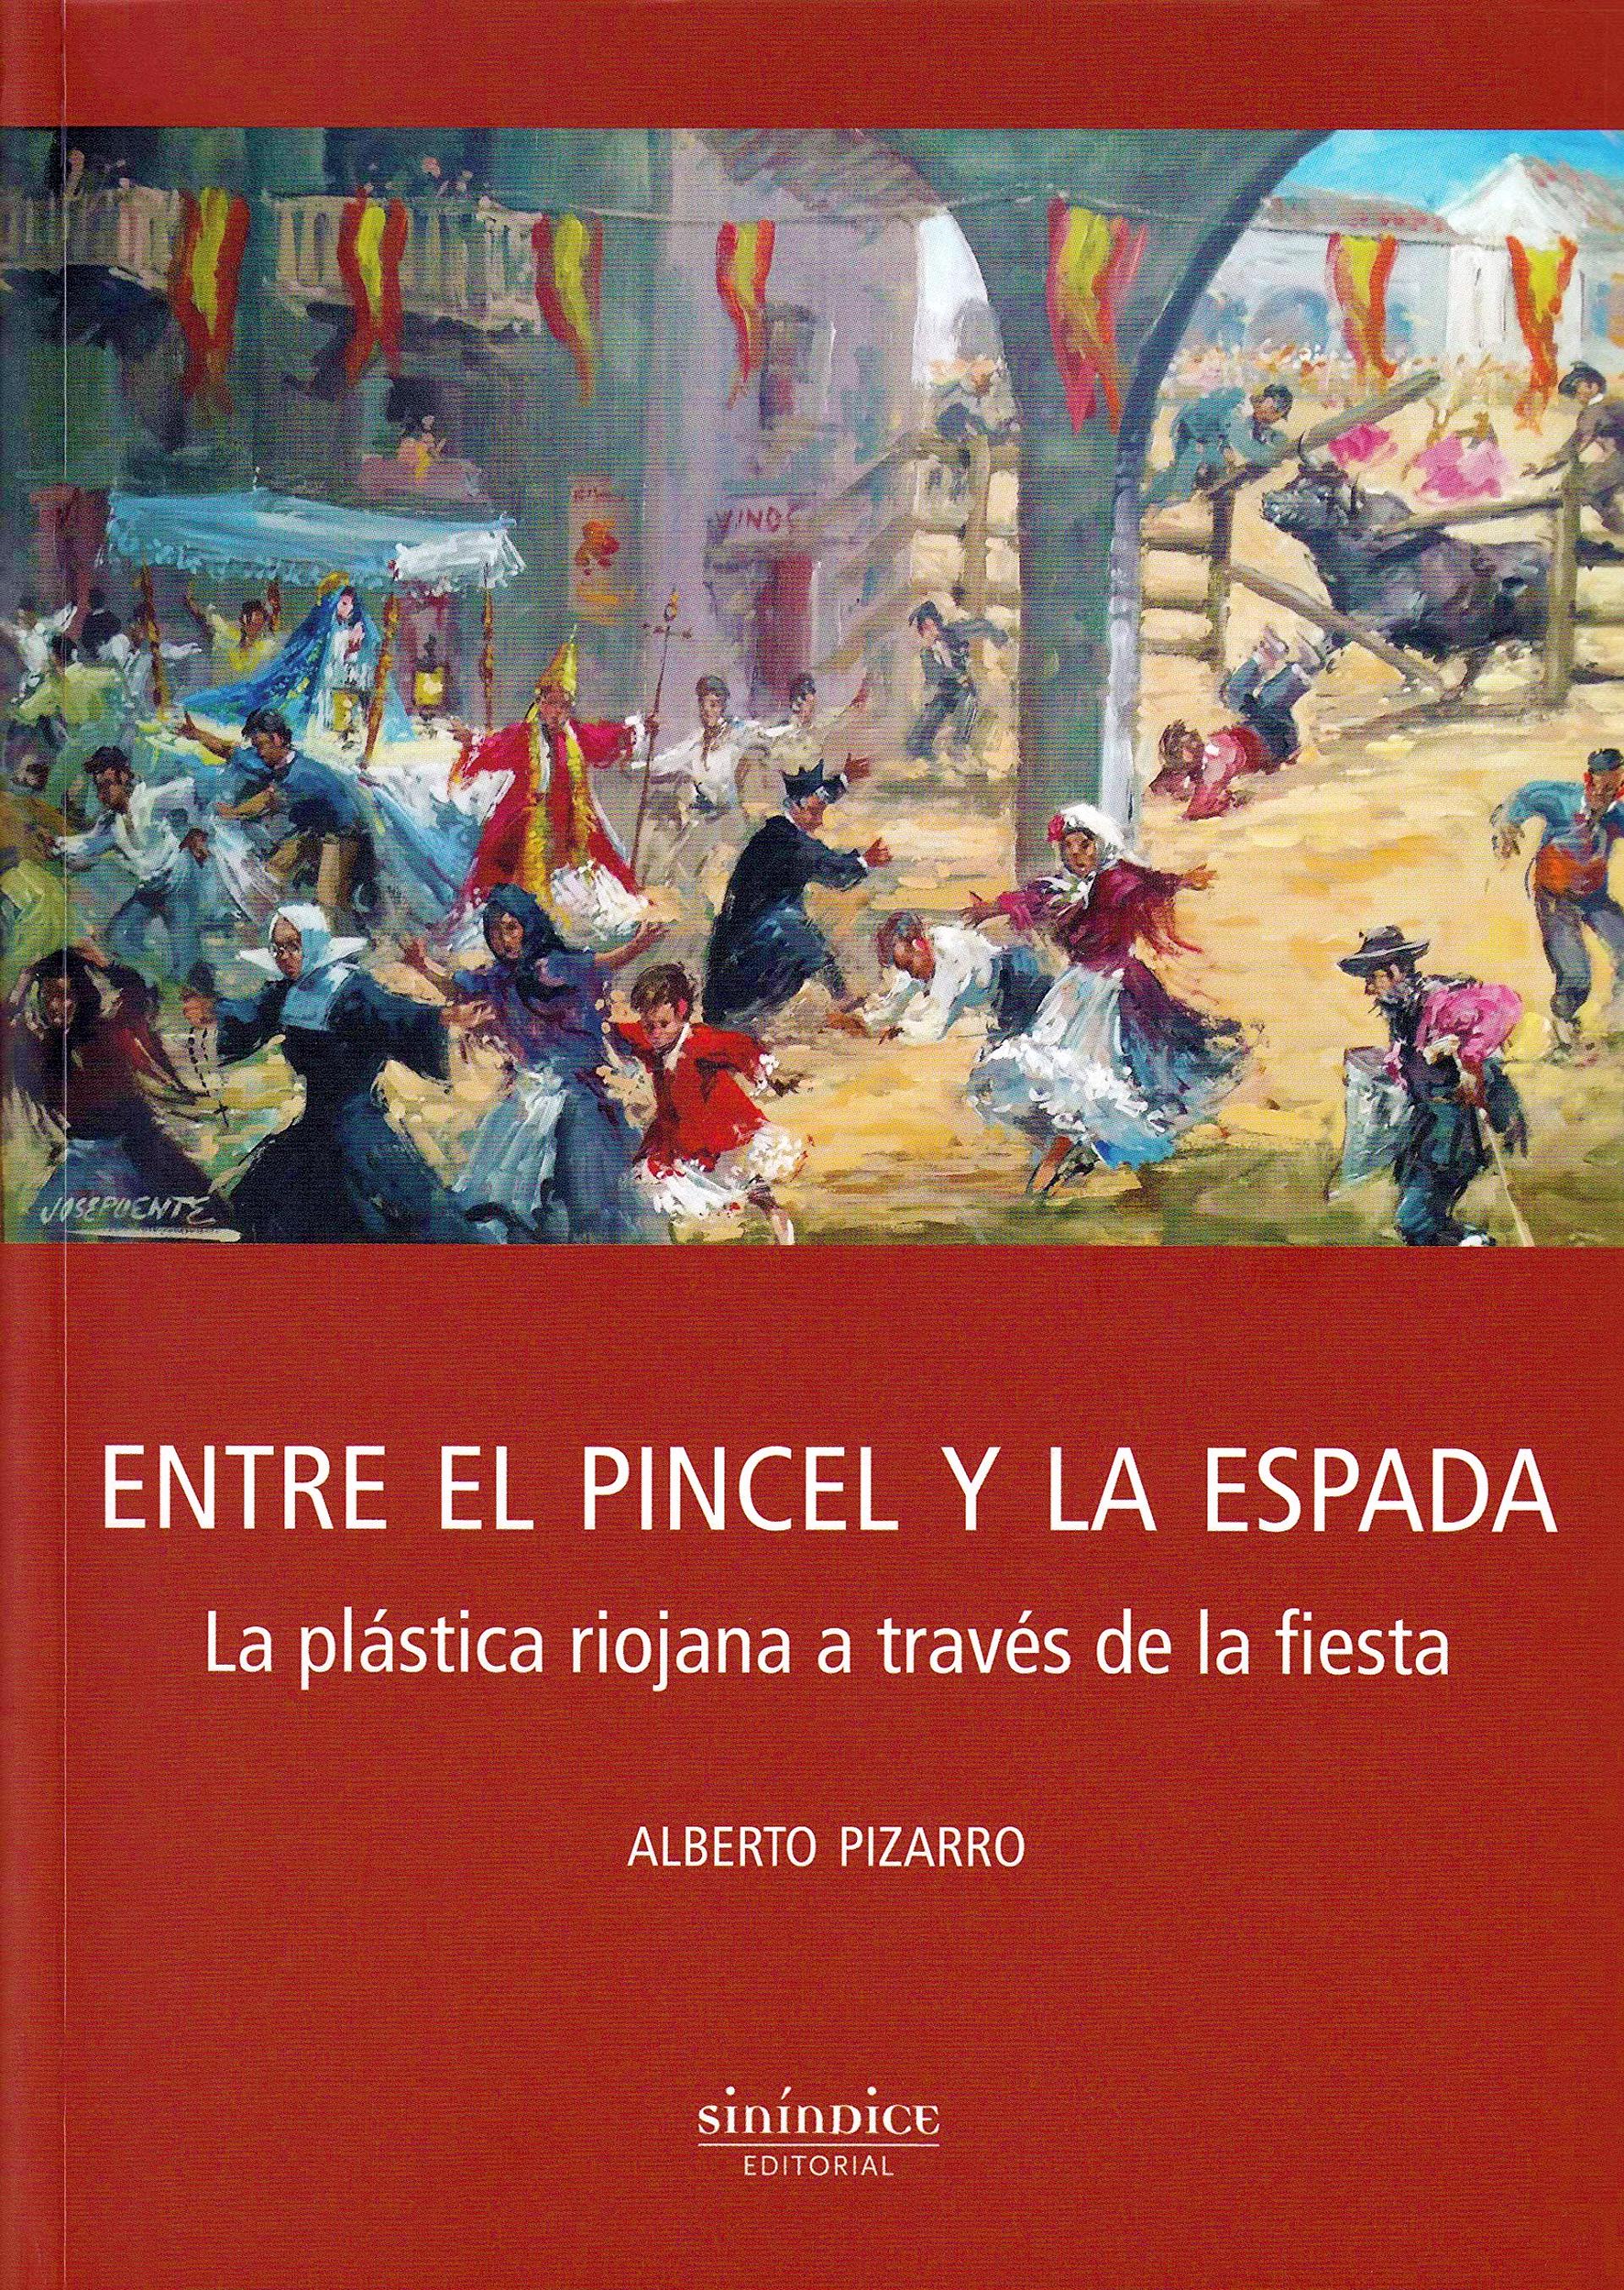 Alberto Pizarro. Entre el pincel y la espada